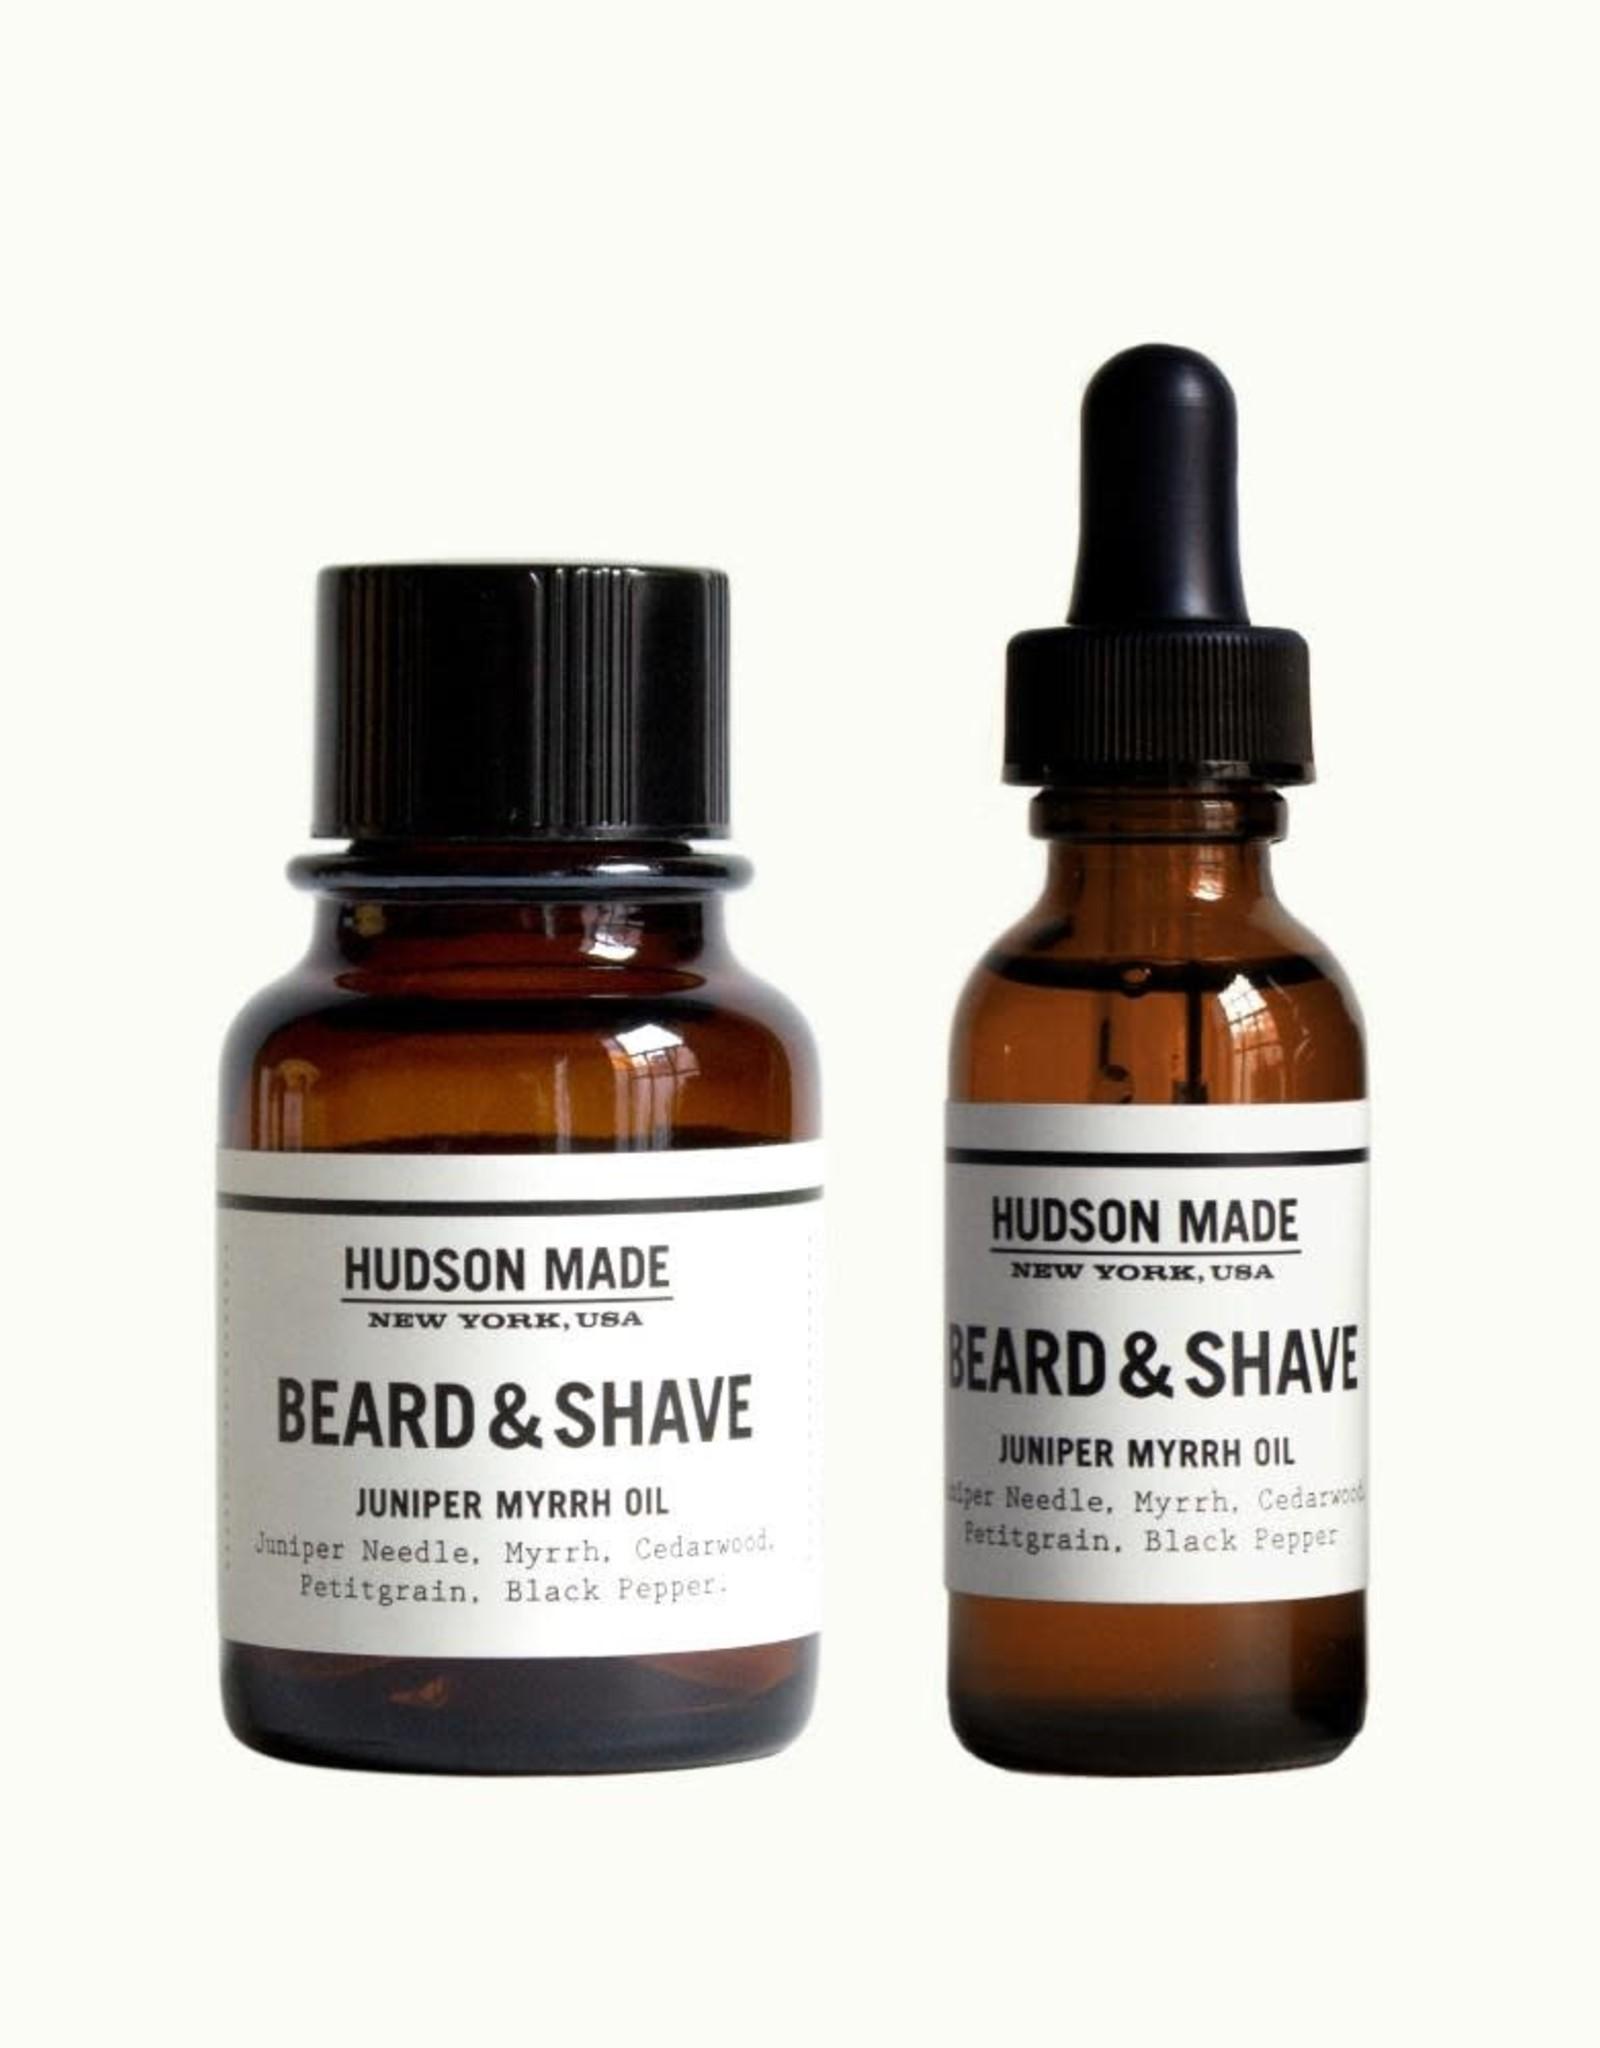 Hudson Made Inc. Juniper Myrrh Oil